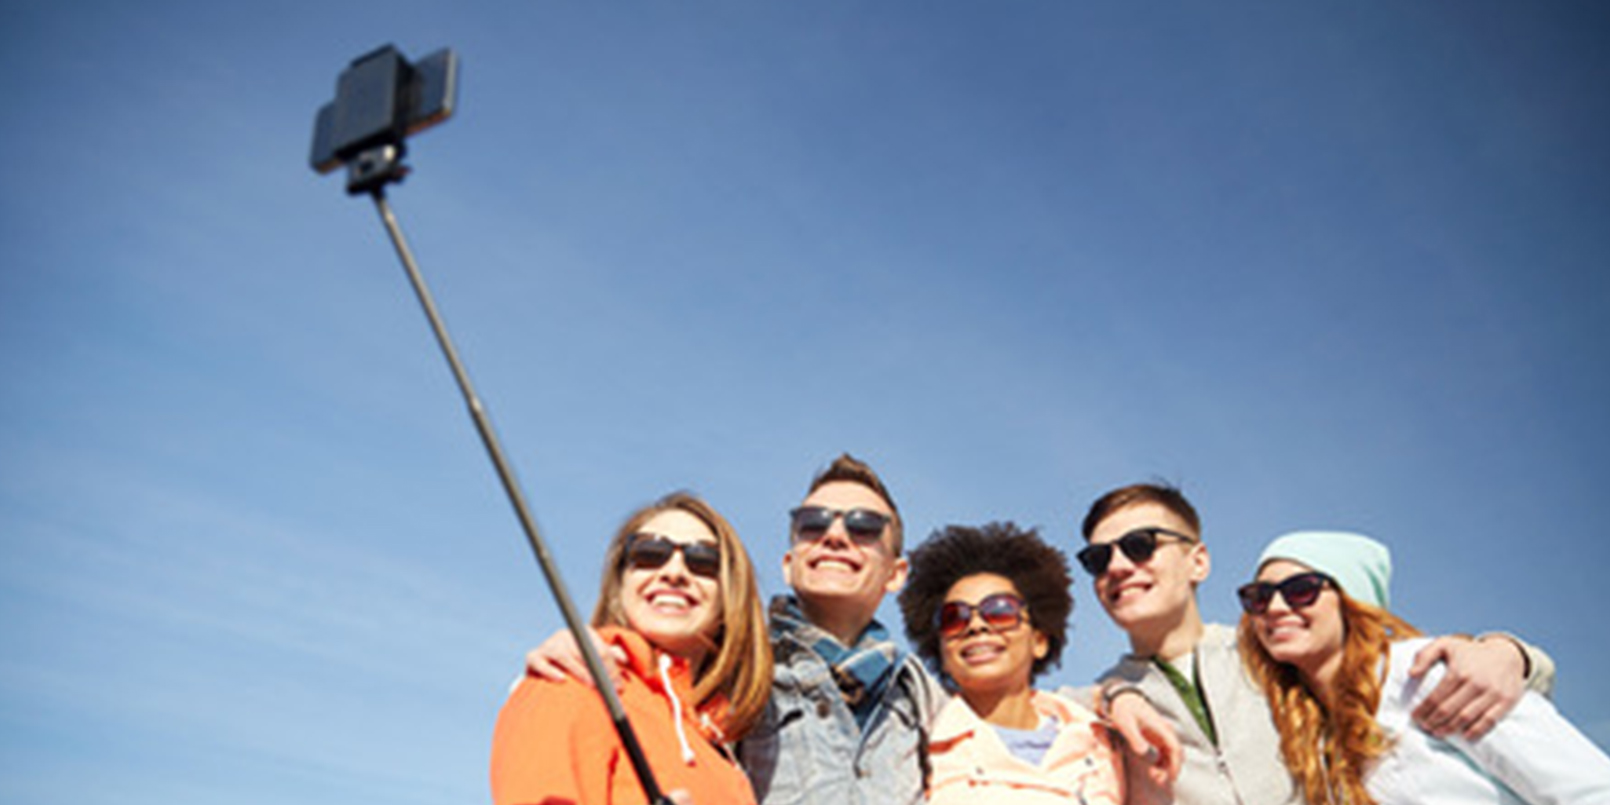 ¿Cómo tienes que declarar las rentas si alquilas tu casa a los turistas? | Sala de prensa Grupo Asesor ADADE y E-Consulting Global Group